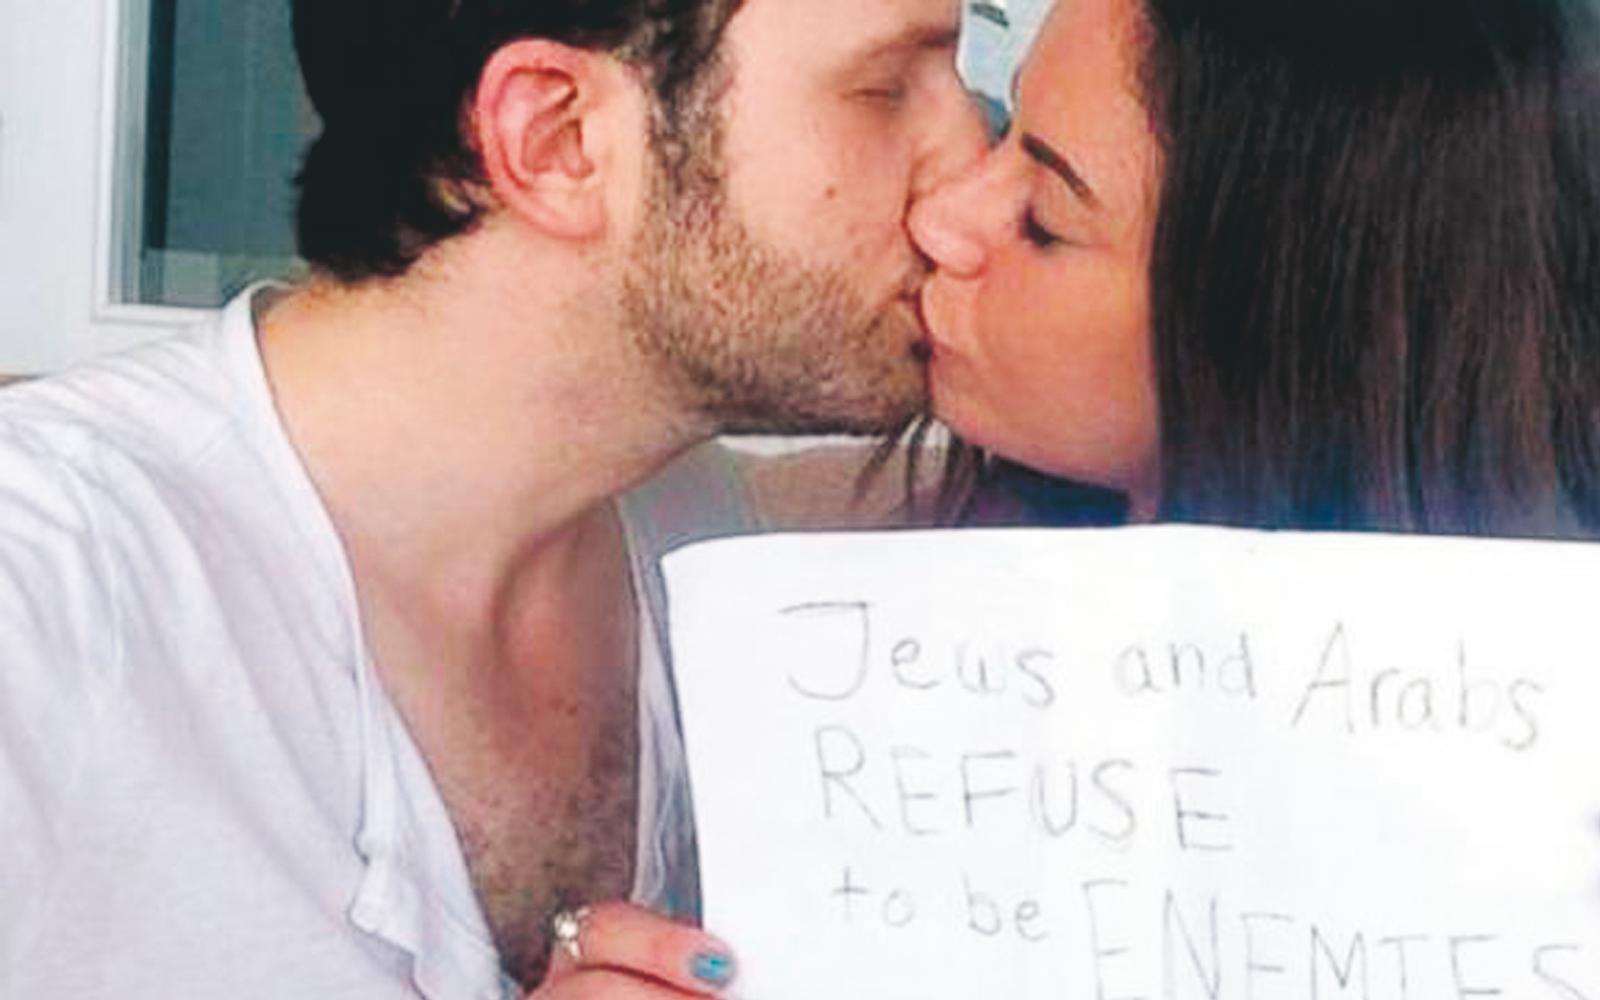 Libanon dating hem sida vänner dating blogg 40 dagar